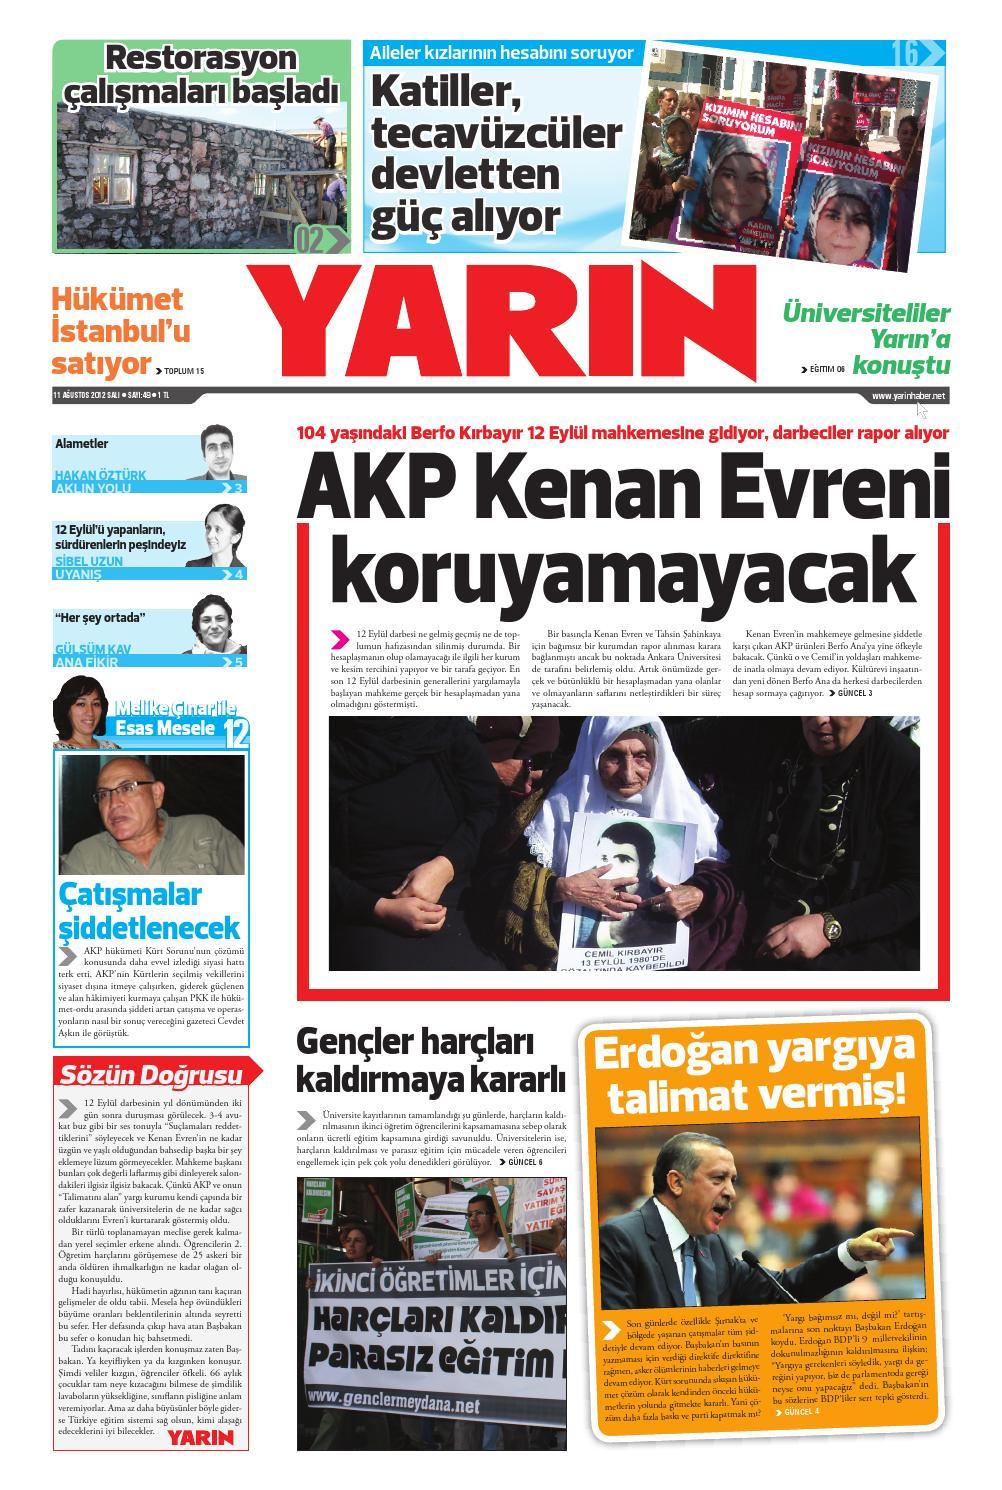 Erdoğan, Suriye uyarısına 6 aya kadar sonuçlanır yanıtını verdi 39